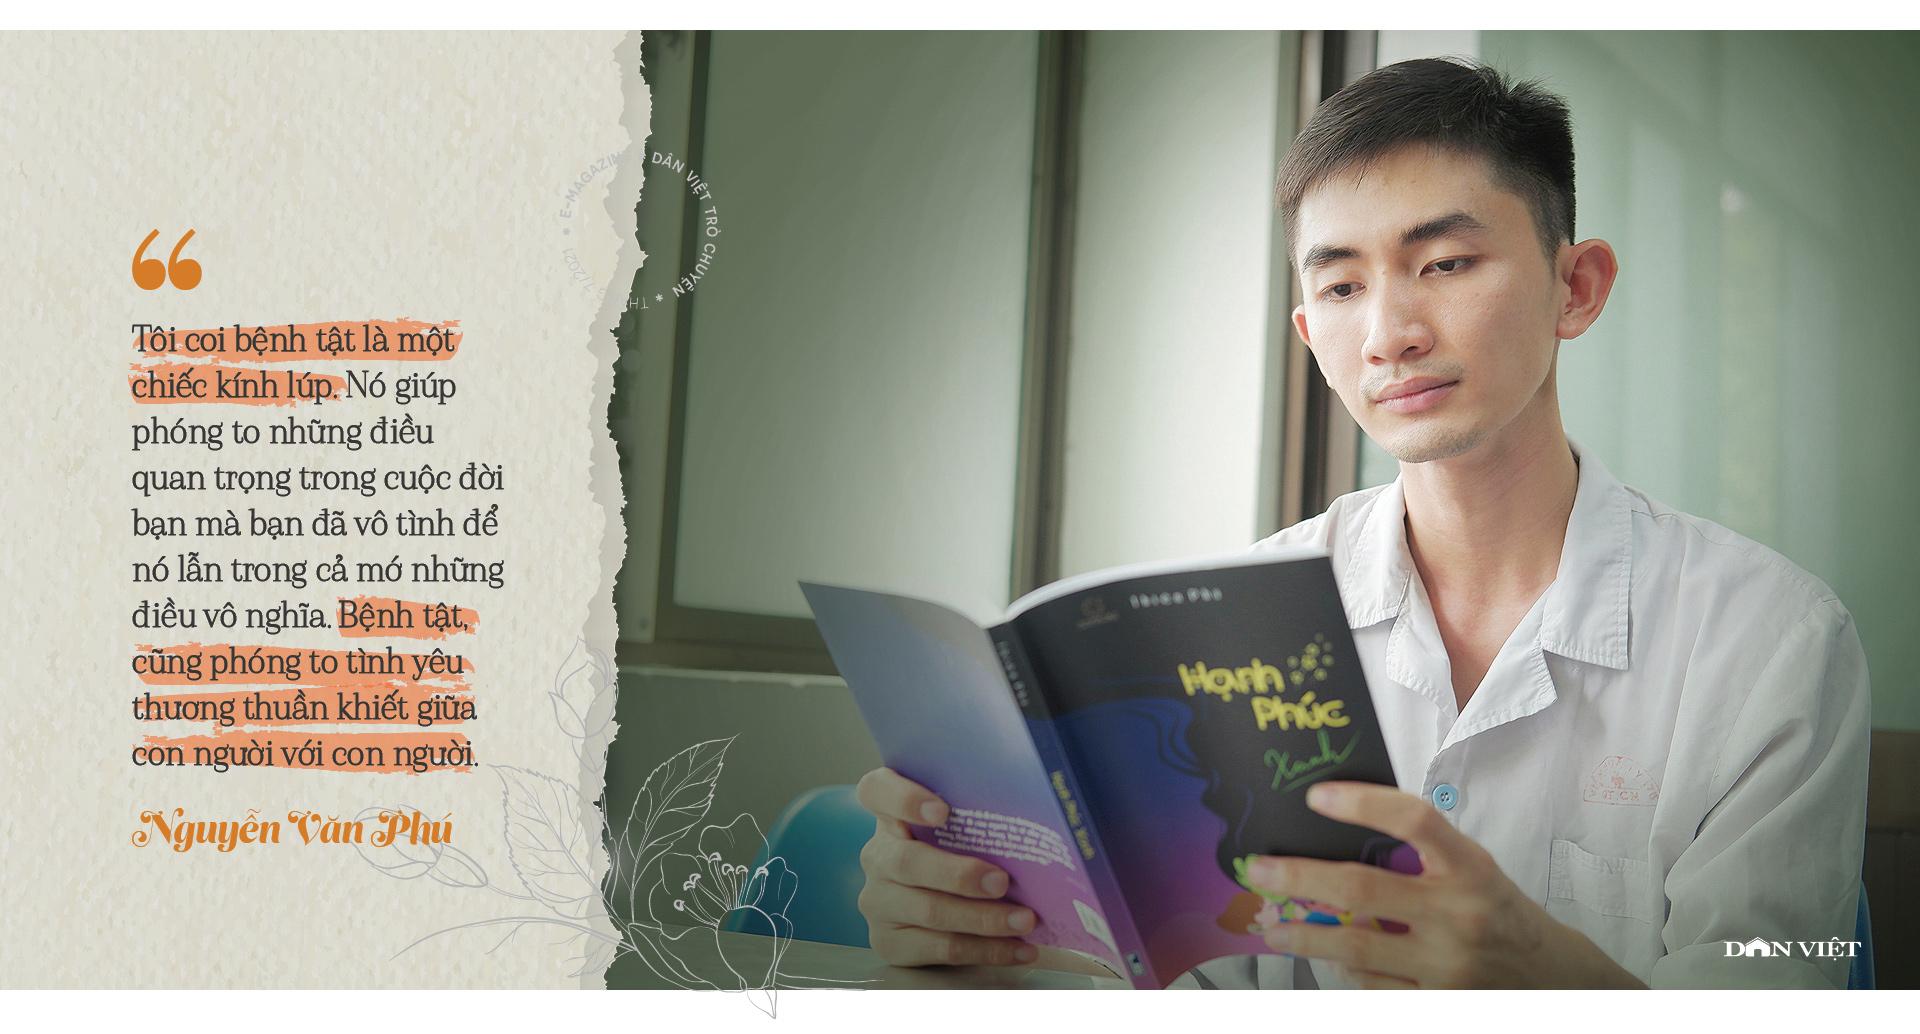 """Nguyễn Văn Phú – tác giả cuốn sách """"Bạn sinh ra để sống"""": """"Với tôi, ung thư là một món quà""""  - Ảnh 15."""